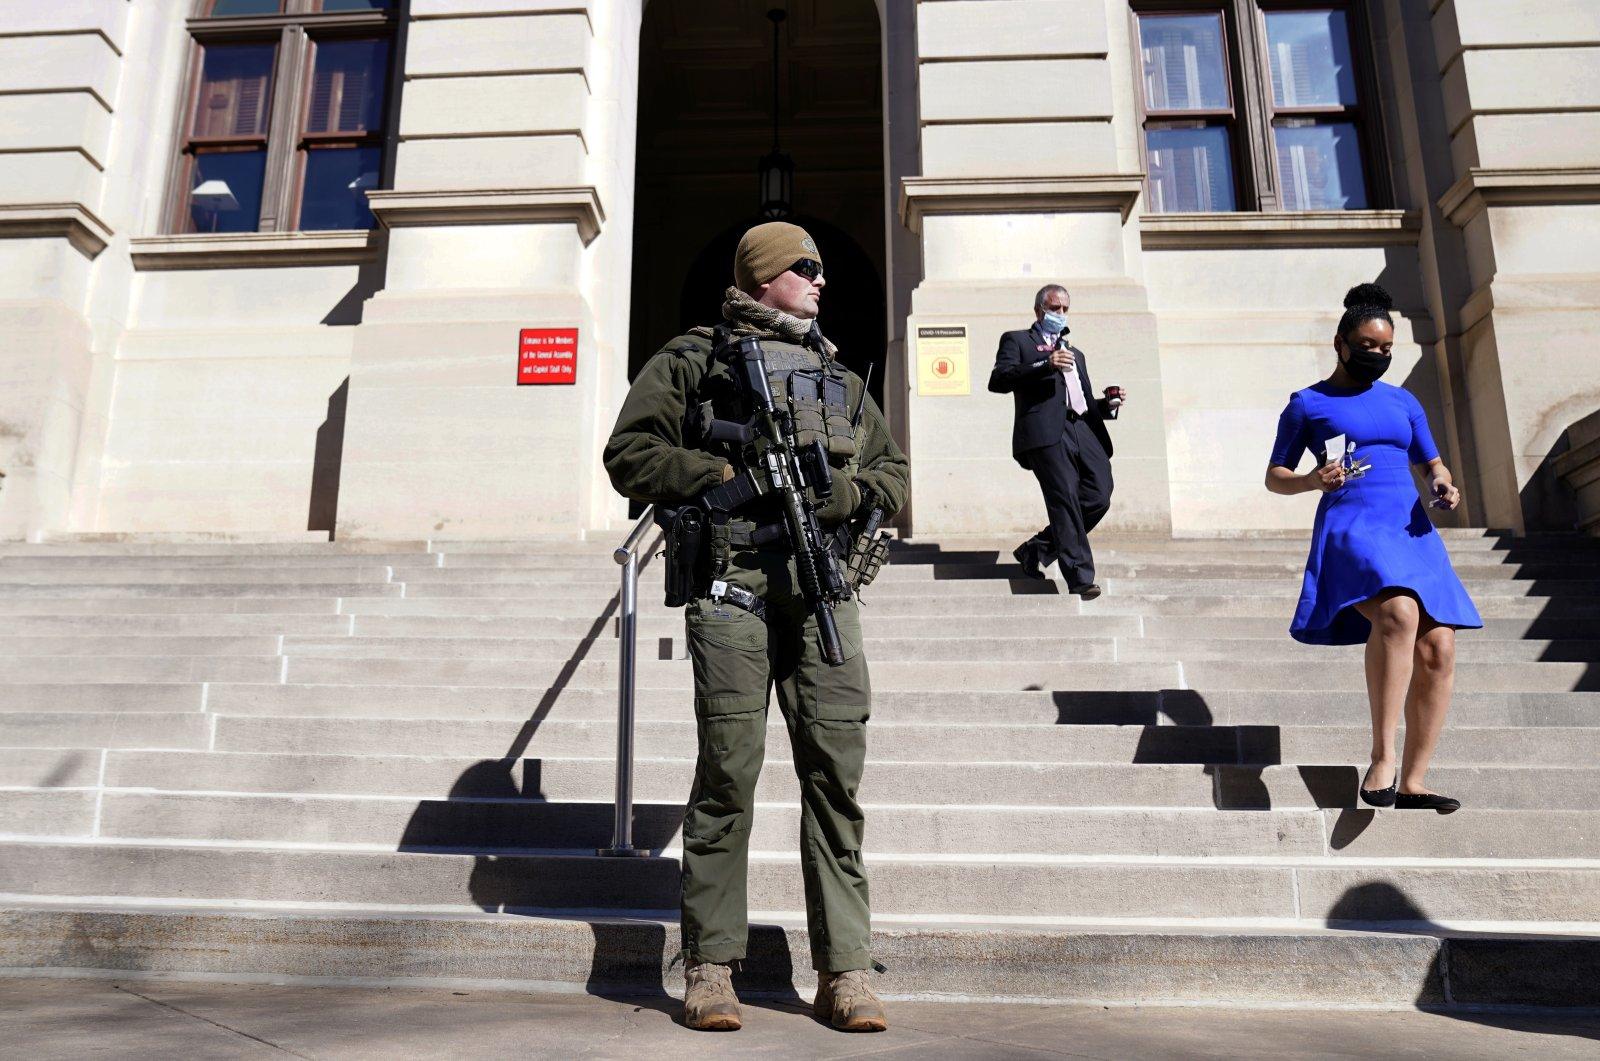 A Georgia State Patrol SWAT team member stands guard outside the Georgia State Capitol building in Atlanta, Georgia, U.S., Jan. 14, 2021.   (AP Photo)